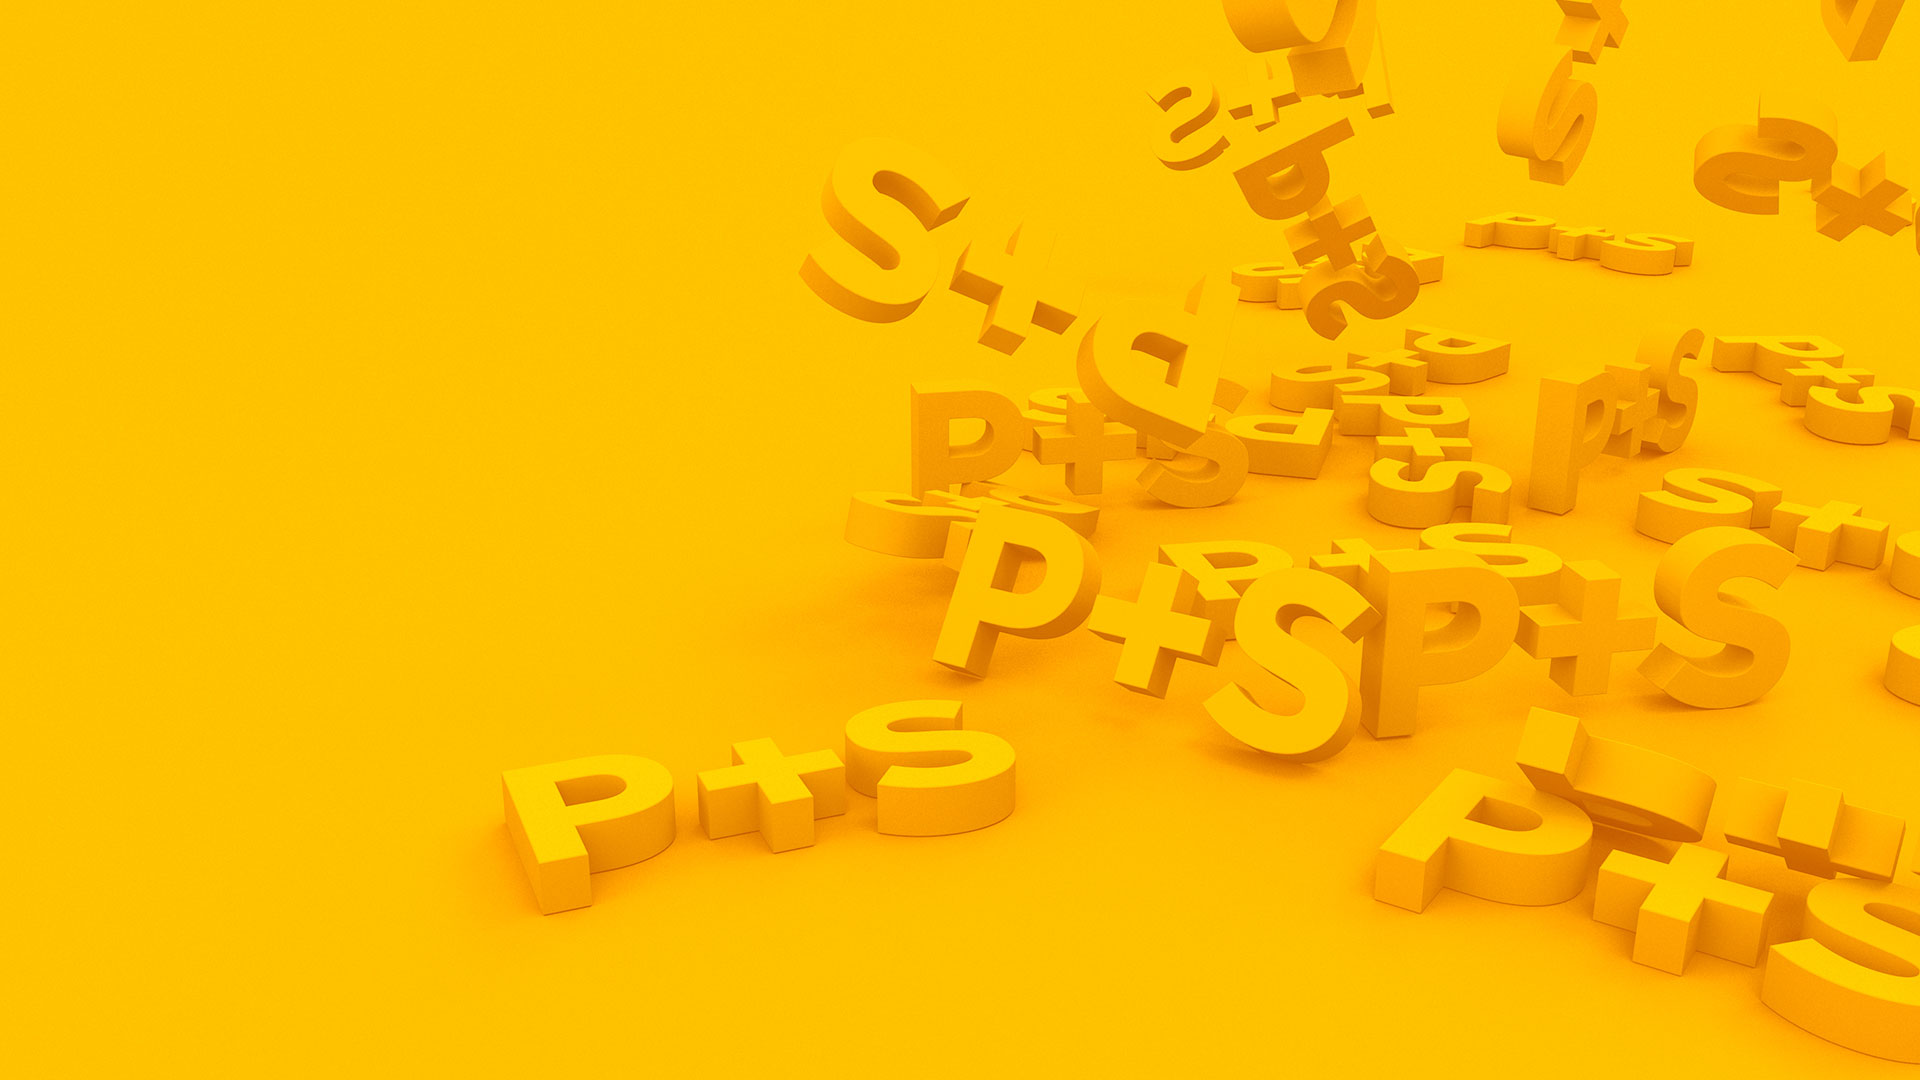 P+S 3d images